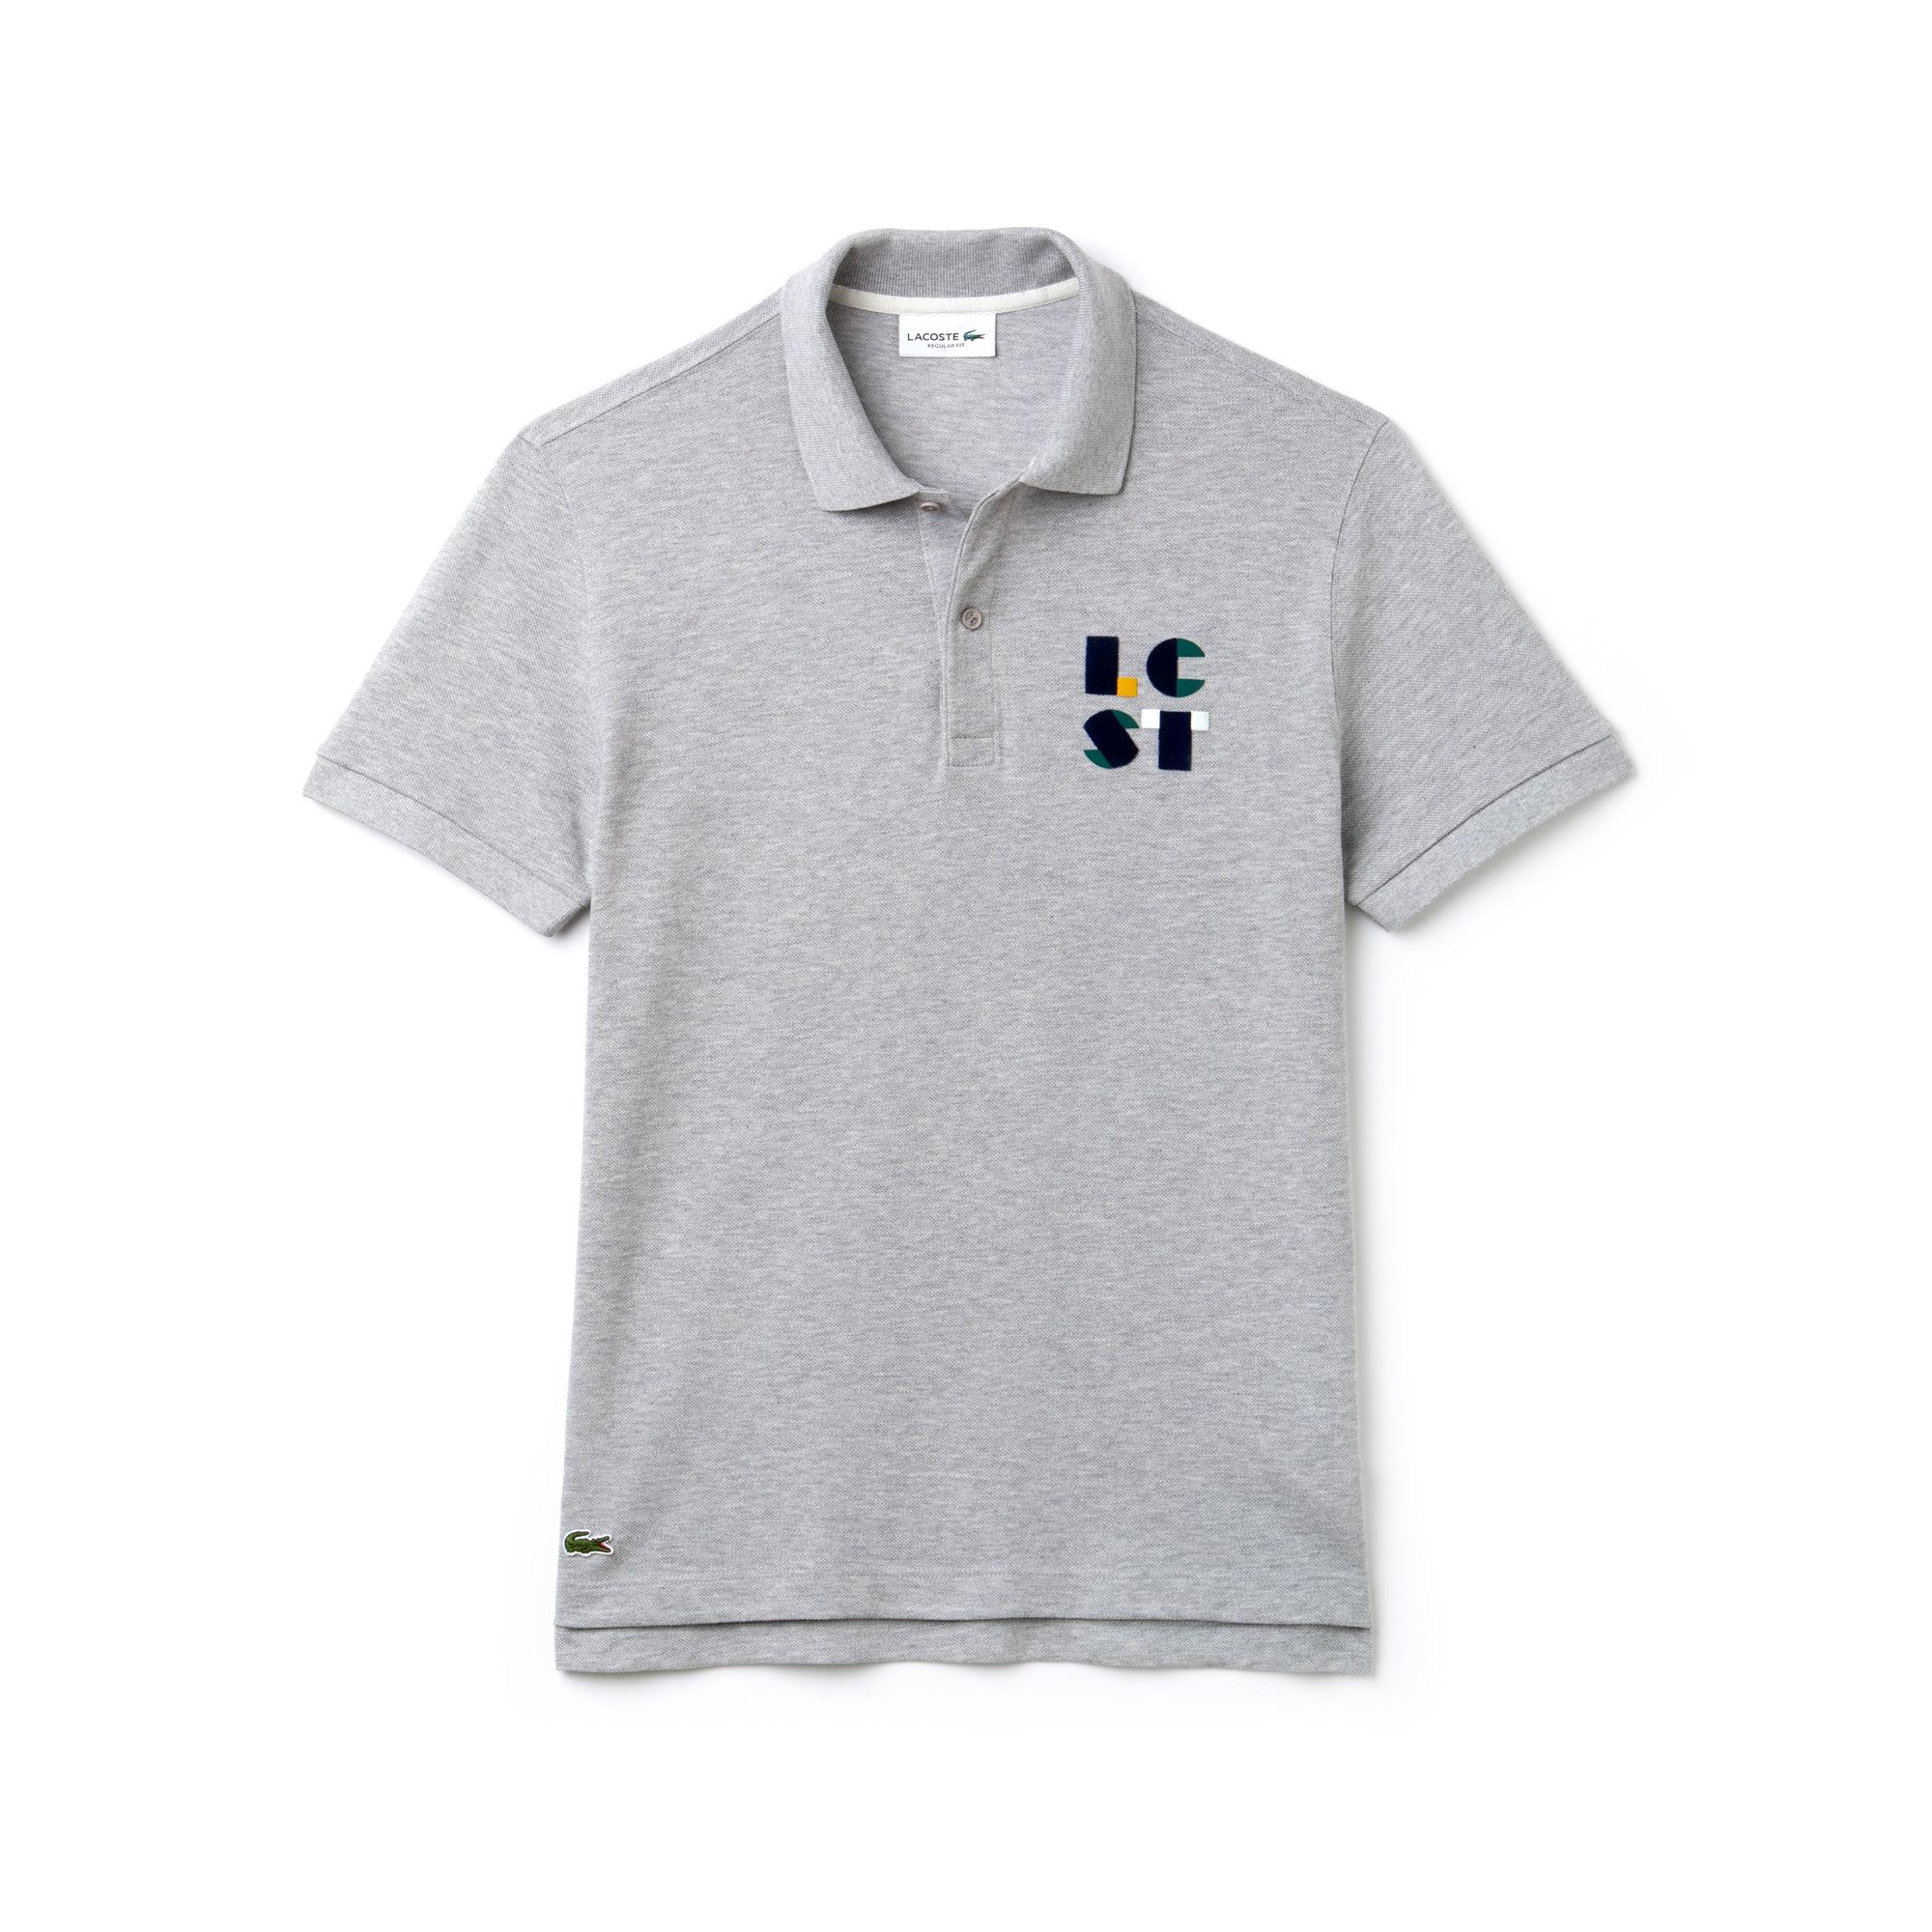 Men's Lacoste Regular Fit LCST Lettering Petit Piqué Polo Shirt